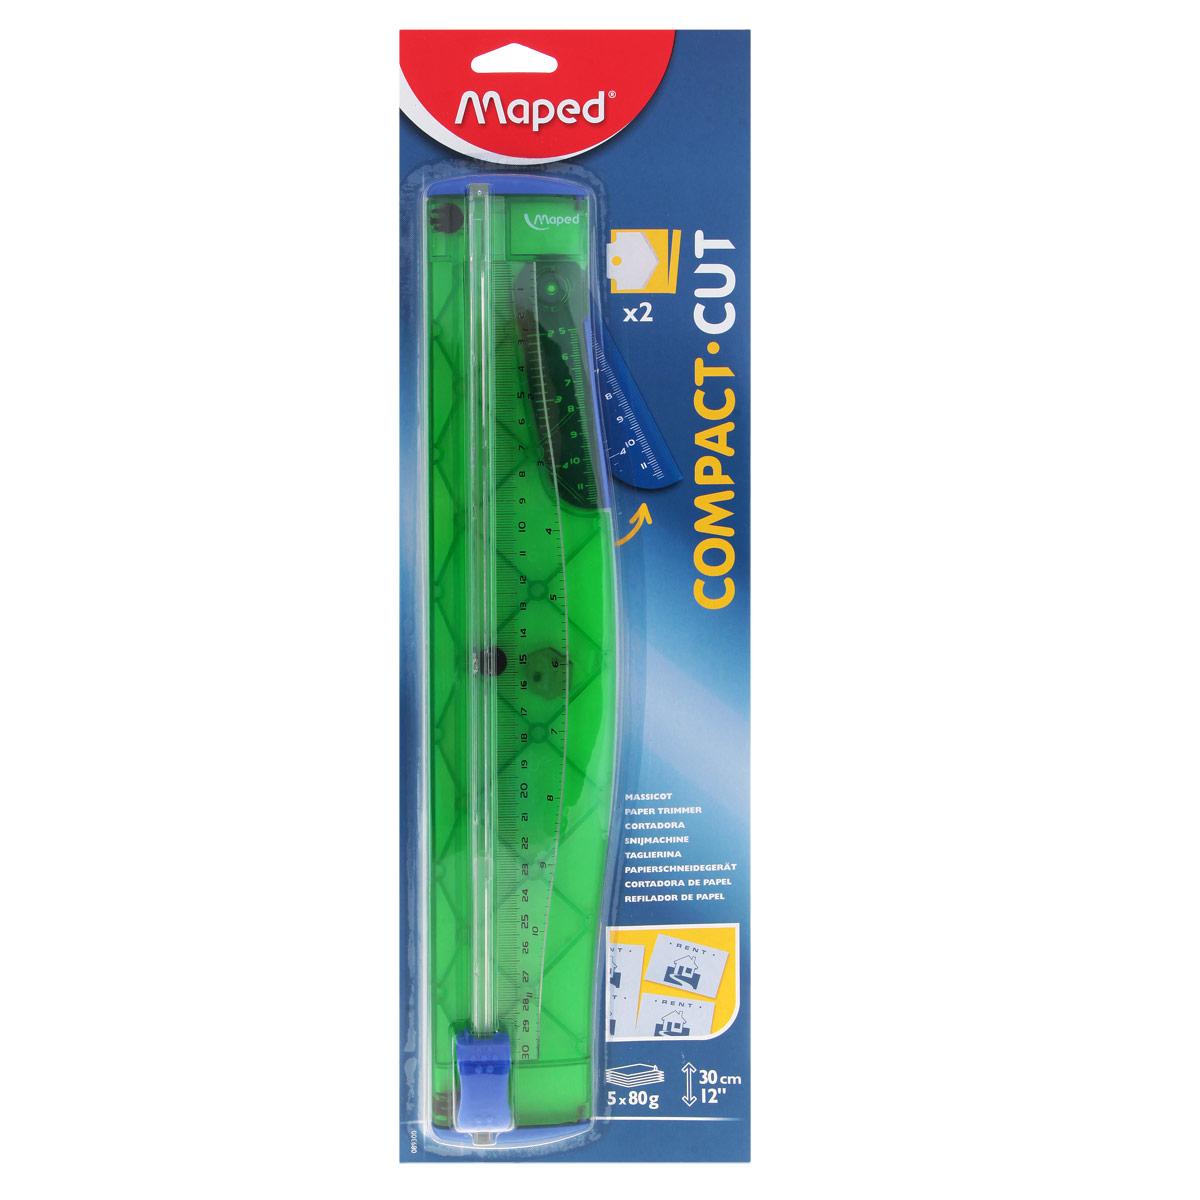 Мини-резак для бумаги Maped Compact, цвет: зеленый89300_зеленыйПрактичный мини-резак для бумаги Compact для бумаги формата А4 с нескользящей основой удобен в использовании и снабжен полупрозрачной градуированной линейкой в сантиметрах и дюймах. Мини-резак предназначен для качественной резки листовых материалов.В комплект входит запасной нож.